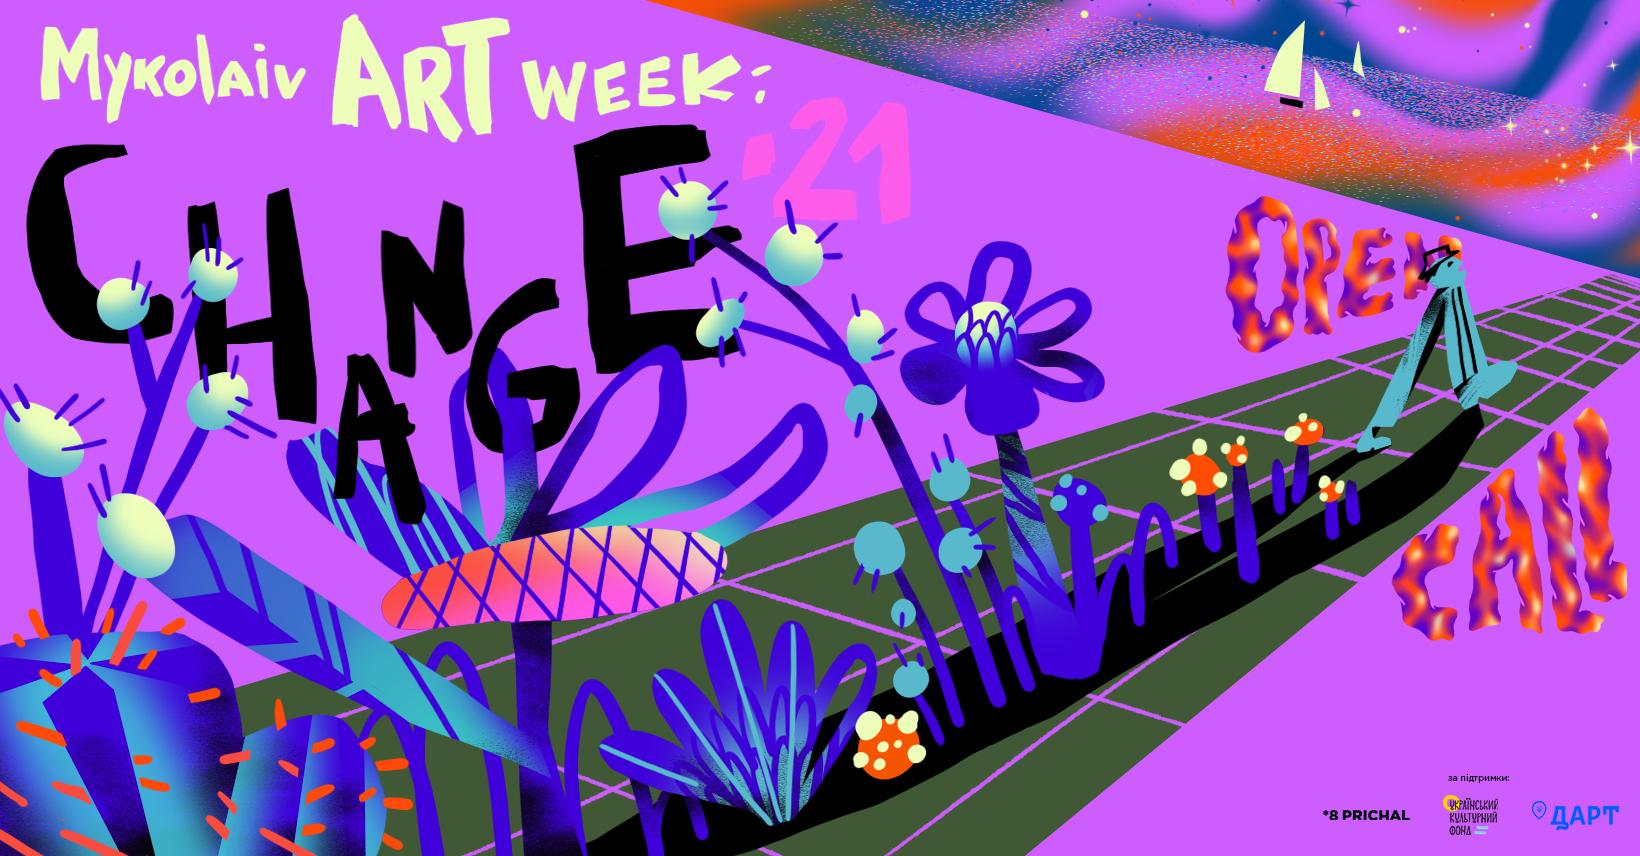 На художественный конкурс главной выставки 5-го Фестиваля актуального искусства Mykolaiv ART Week: CHANGE подались почти полторы сотни участников с 4 континентов мира 11